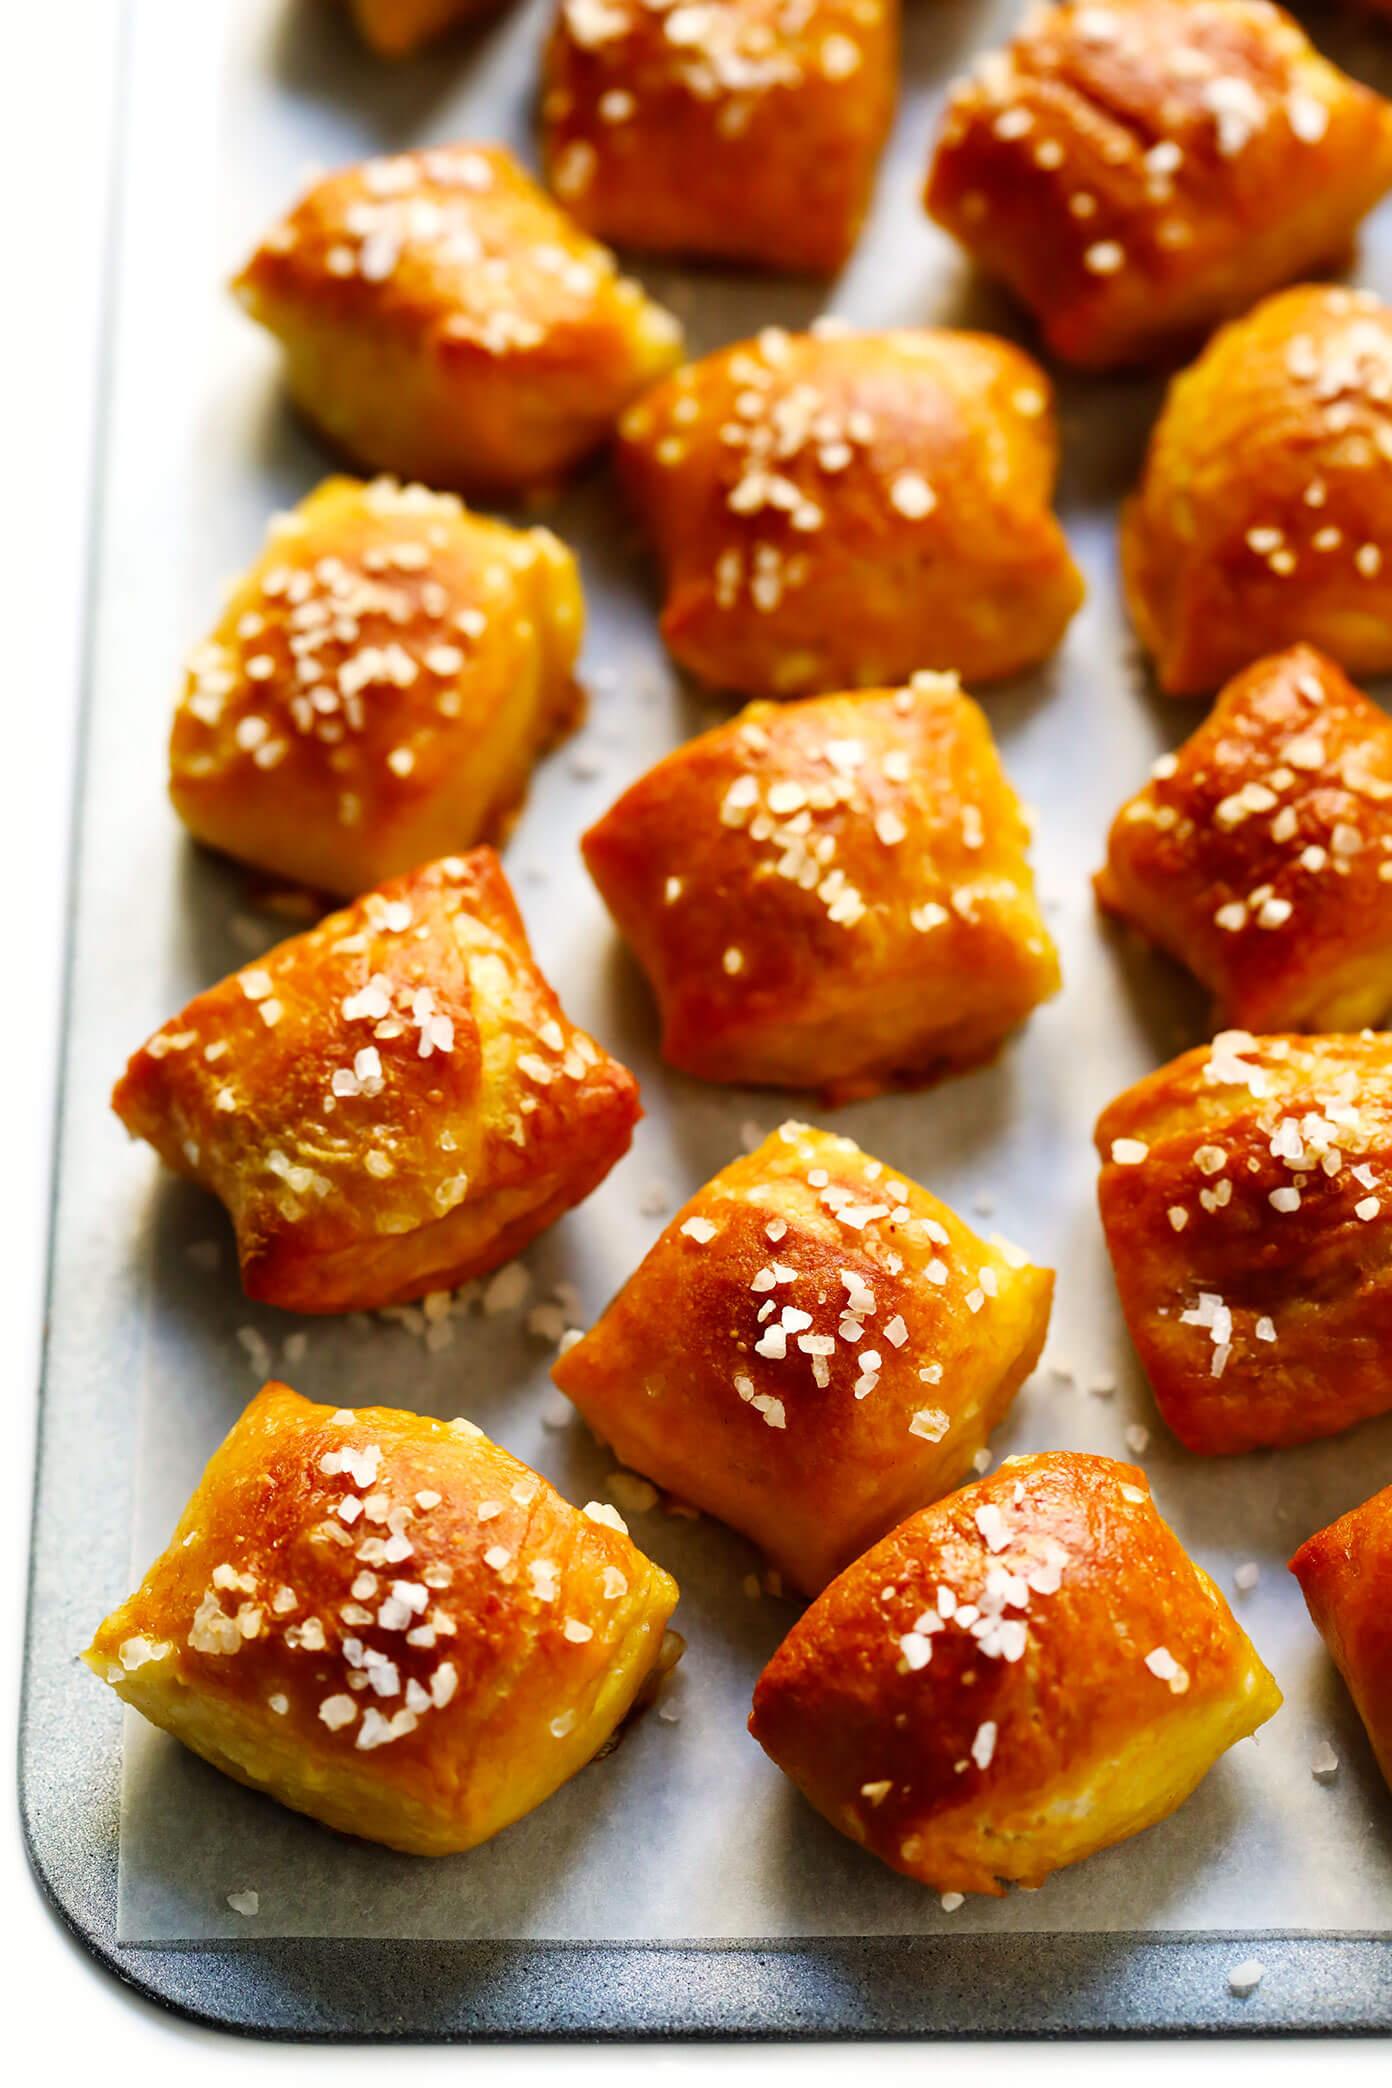 Homemade Pretzel Bites Recipe